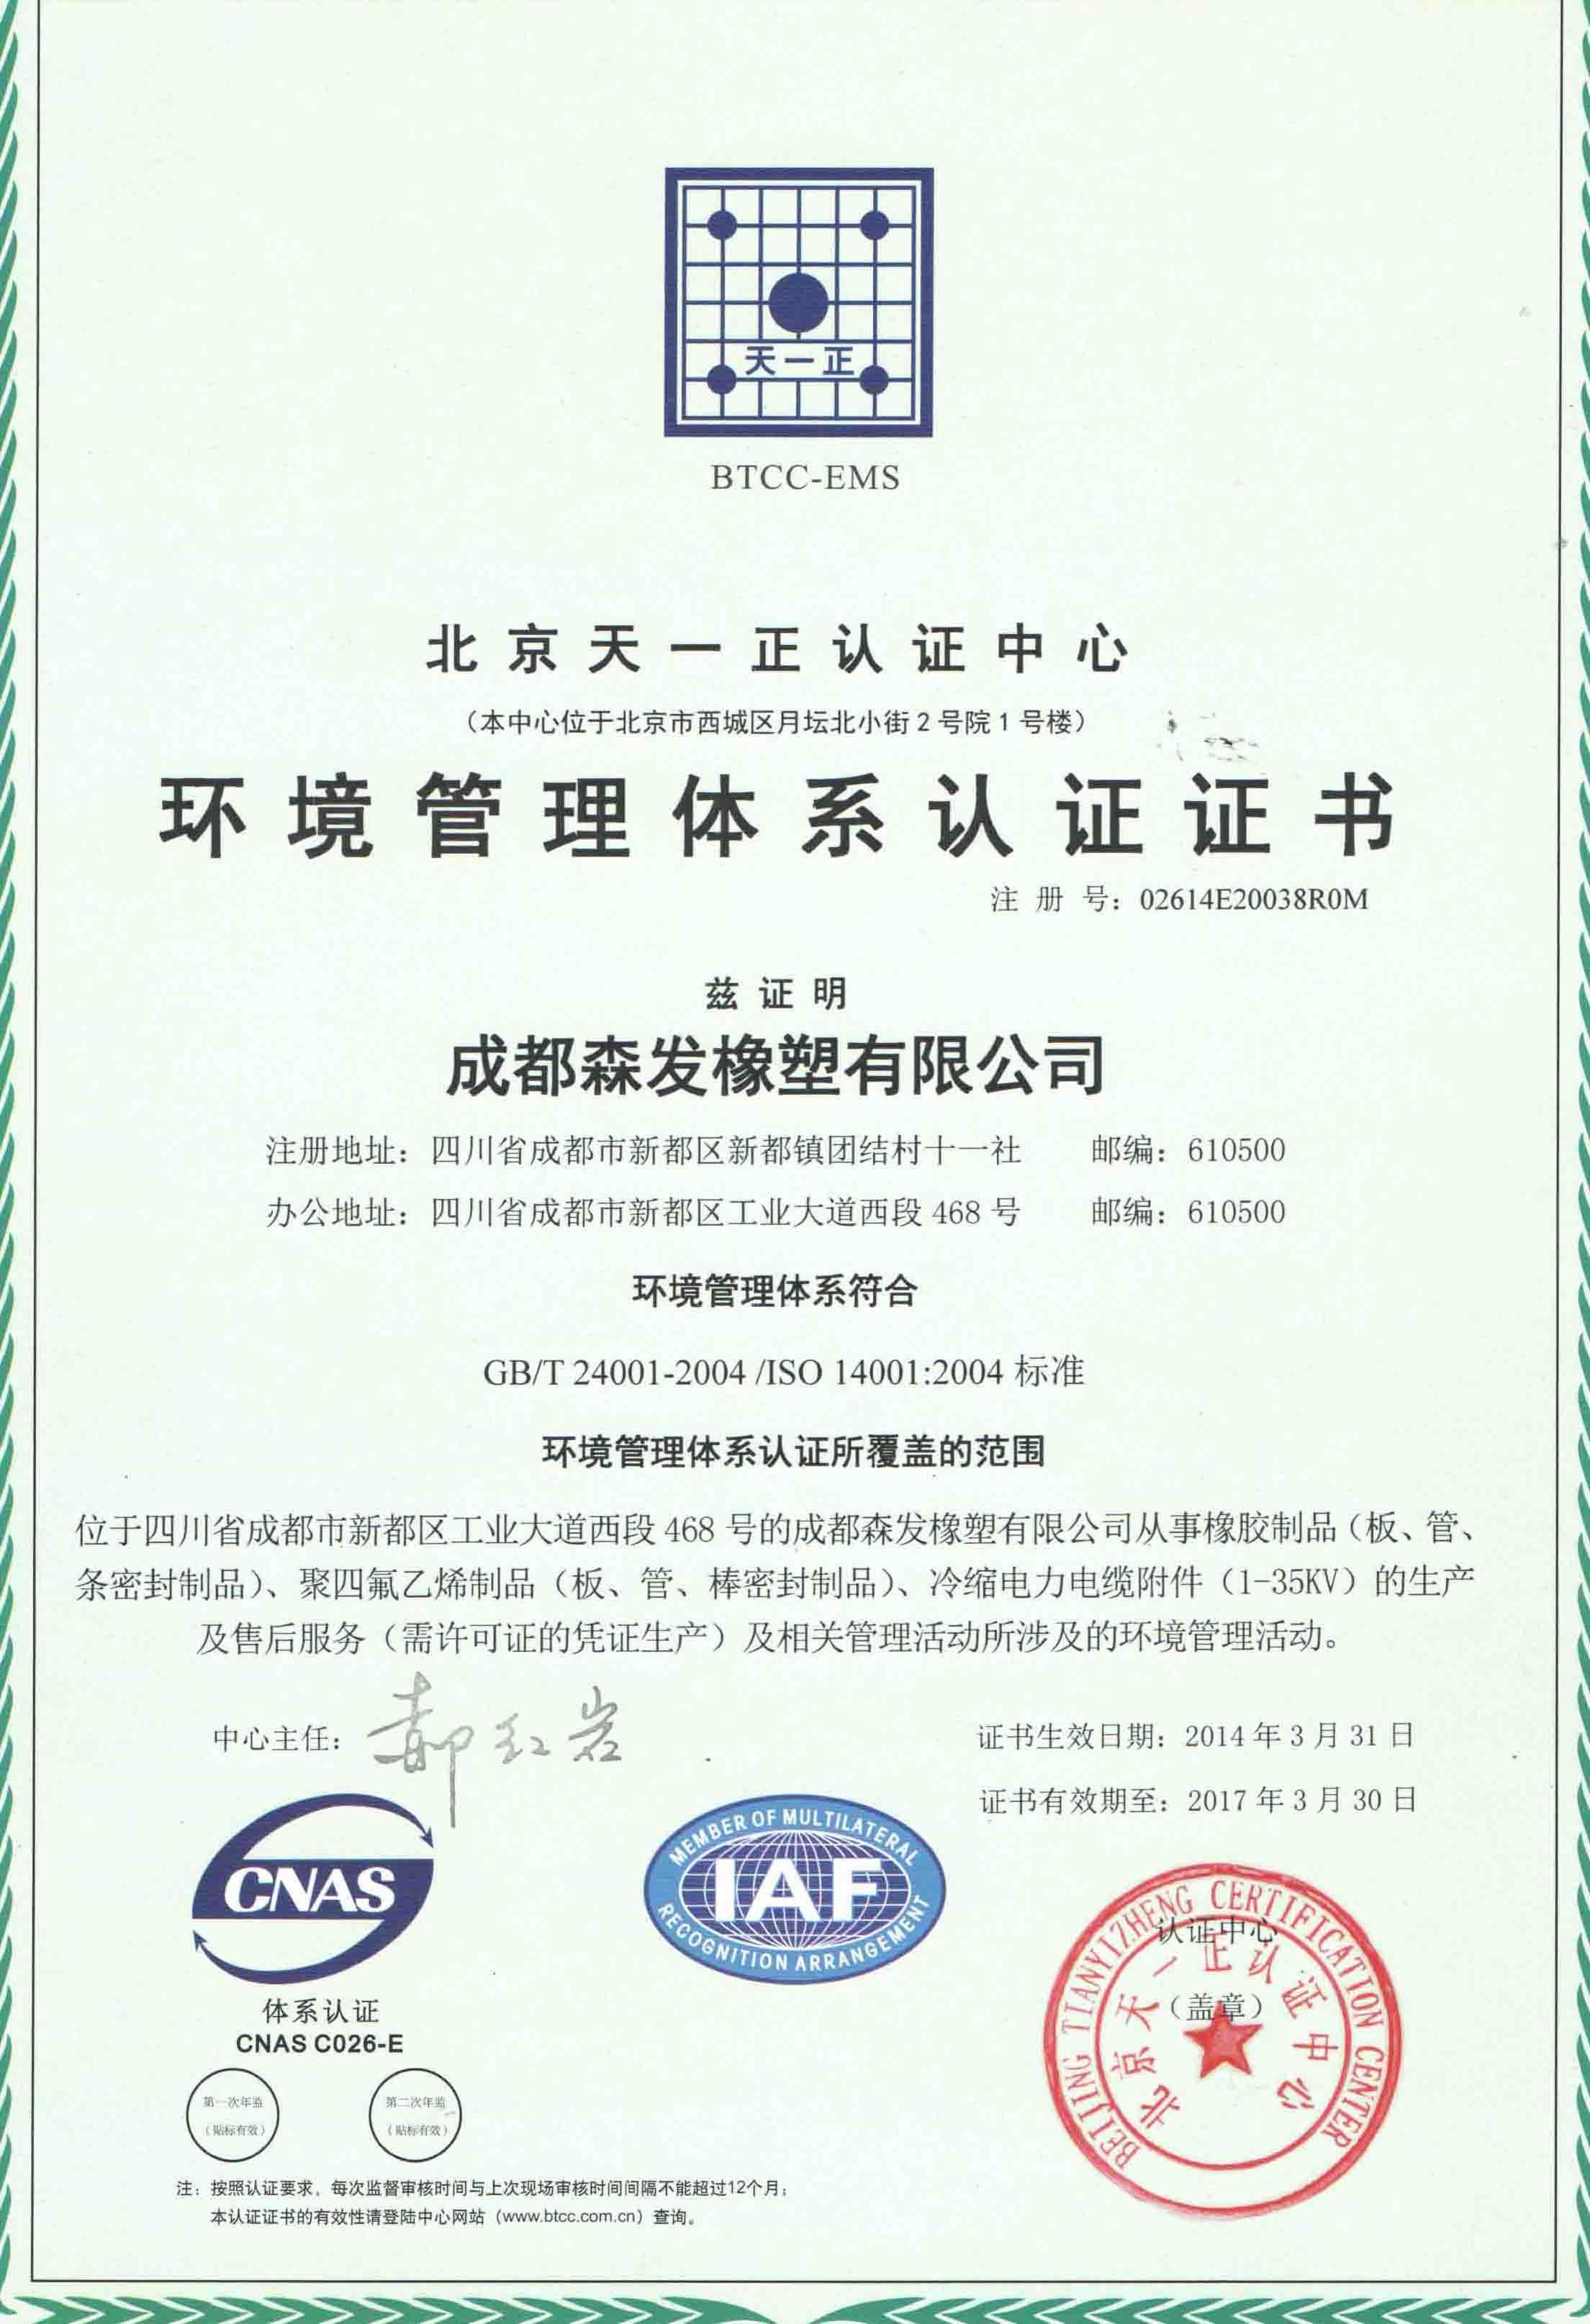 環境管理認證證書